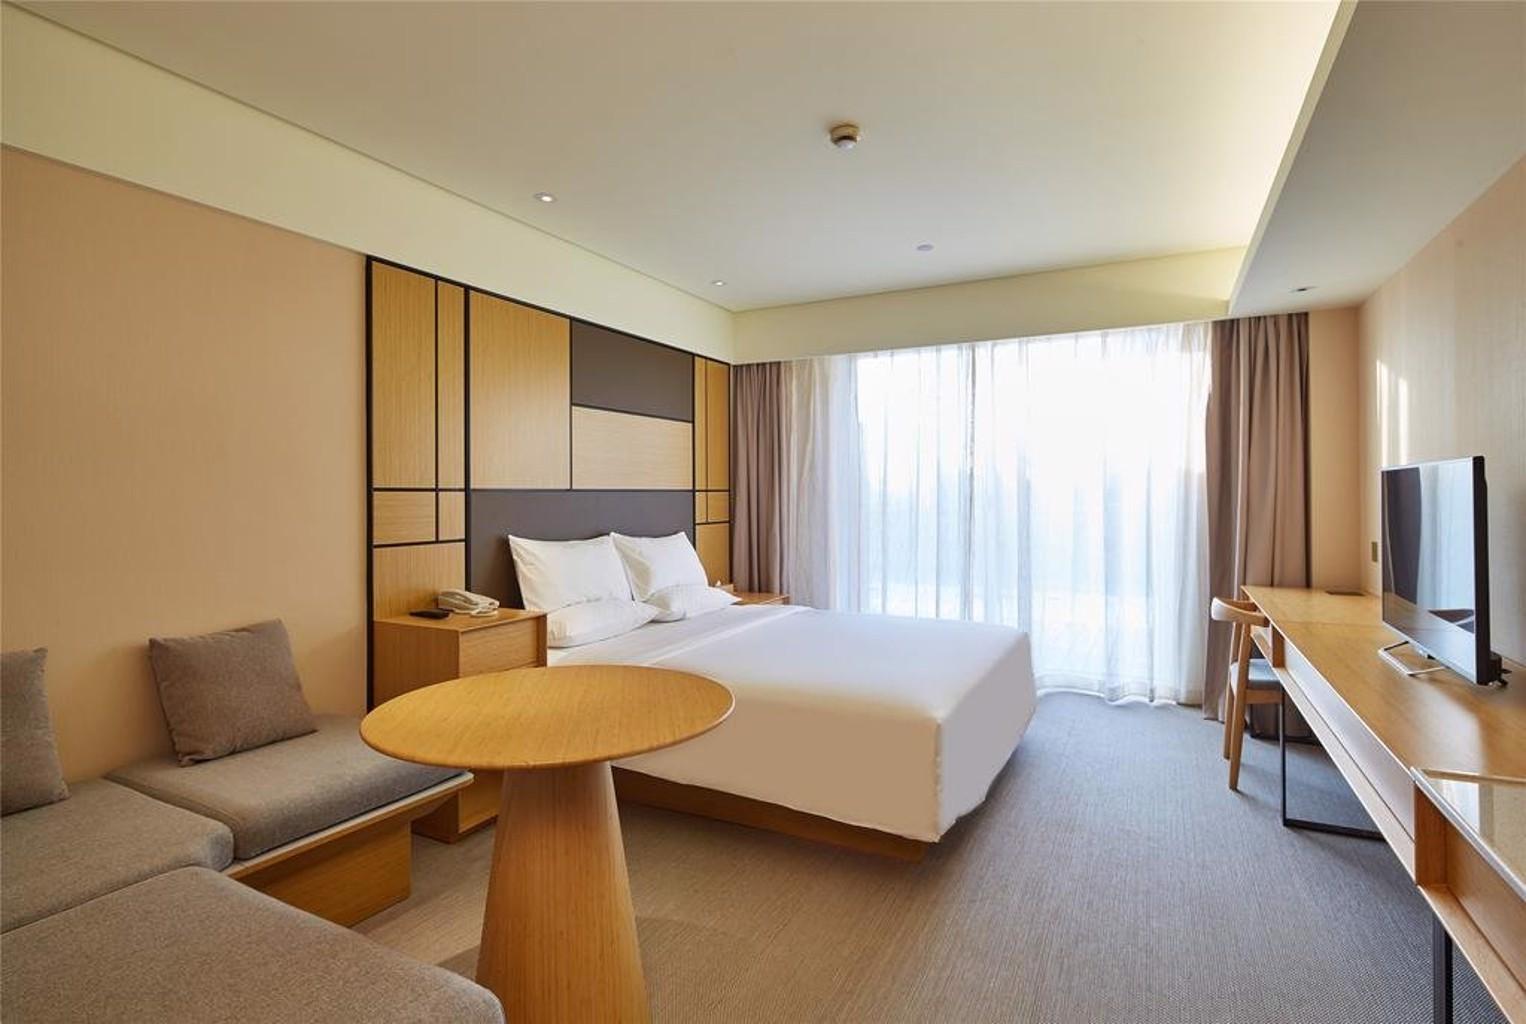 JI Hotel Hangzhou Sijiqing Kaixuan Road